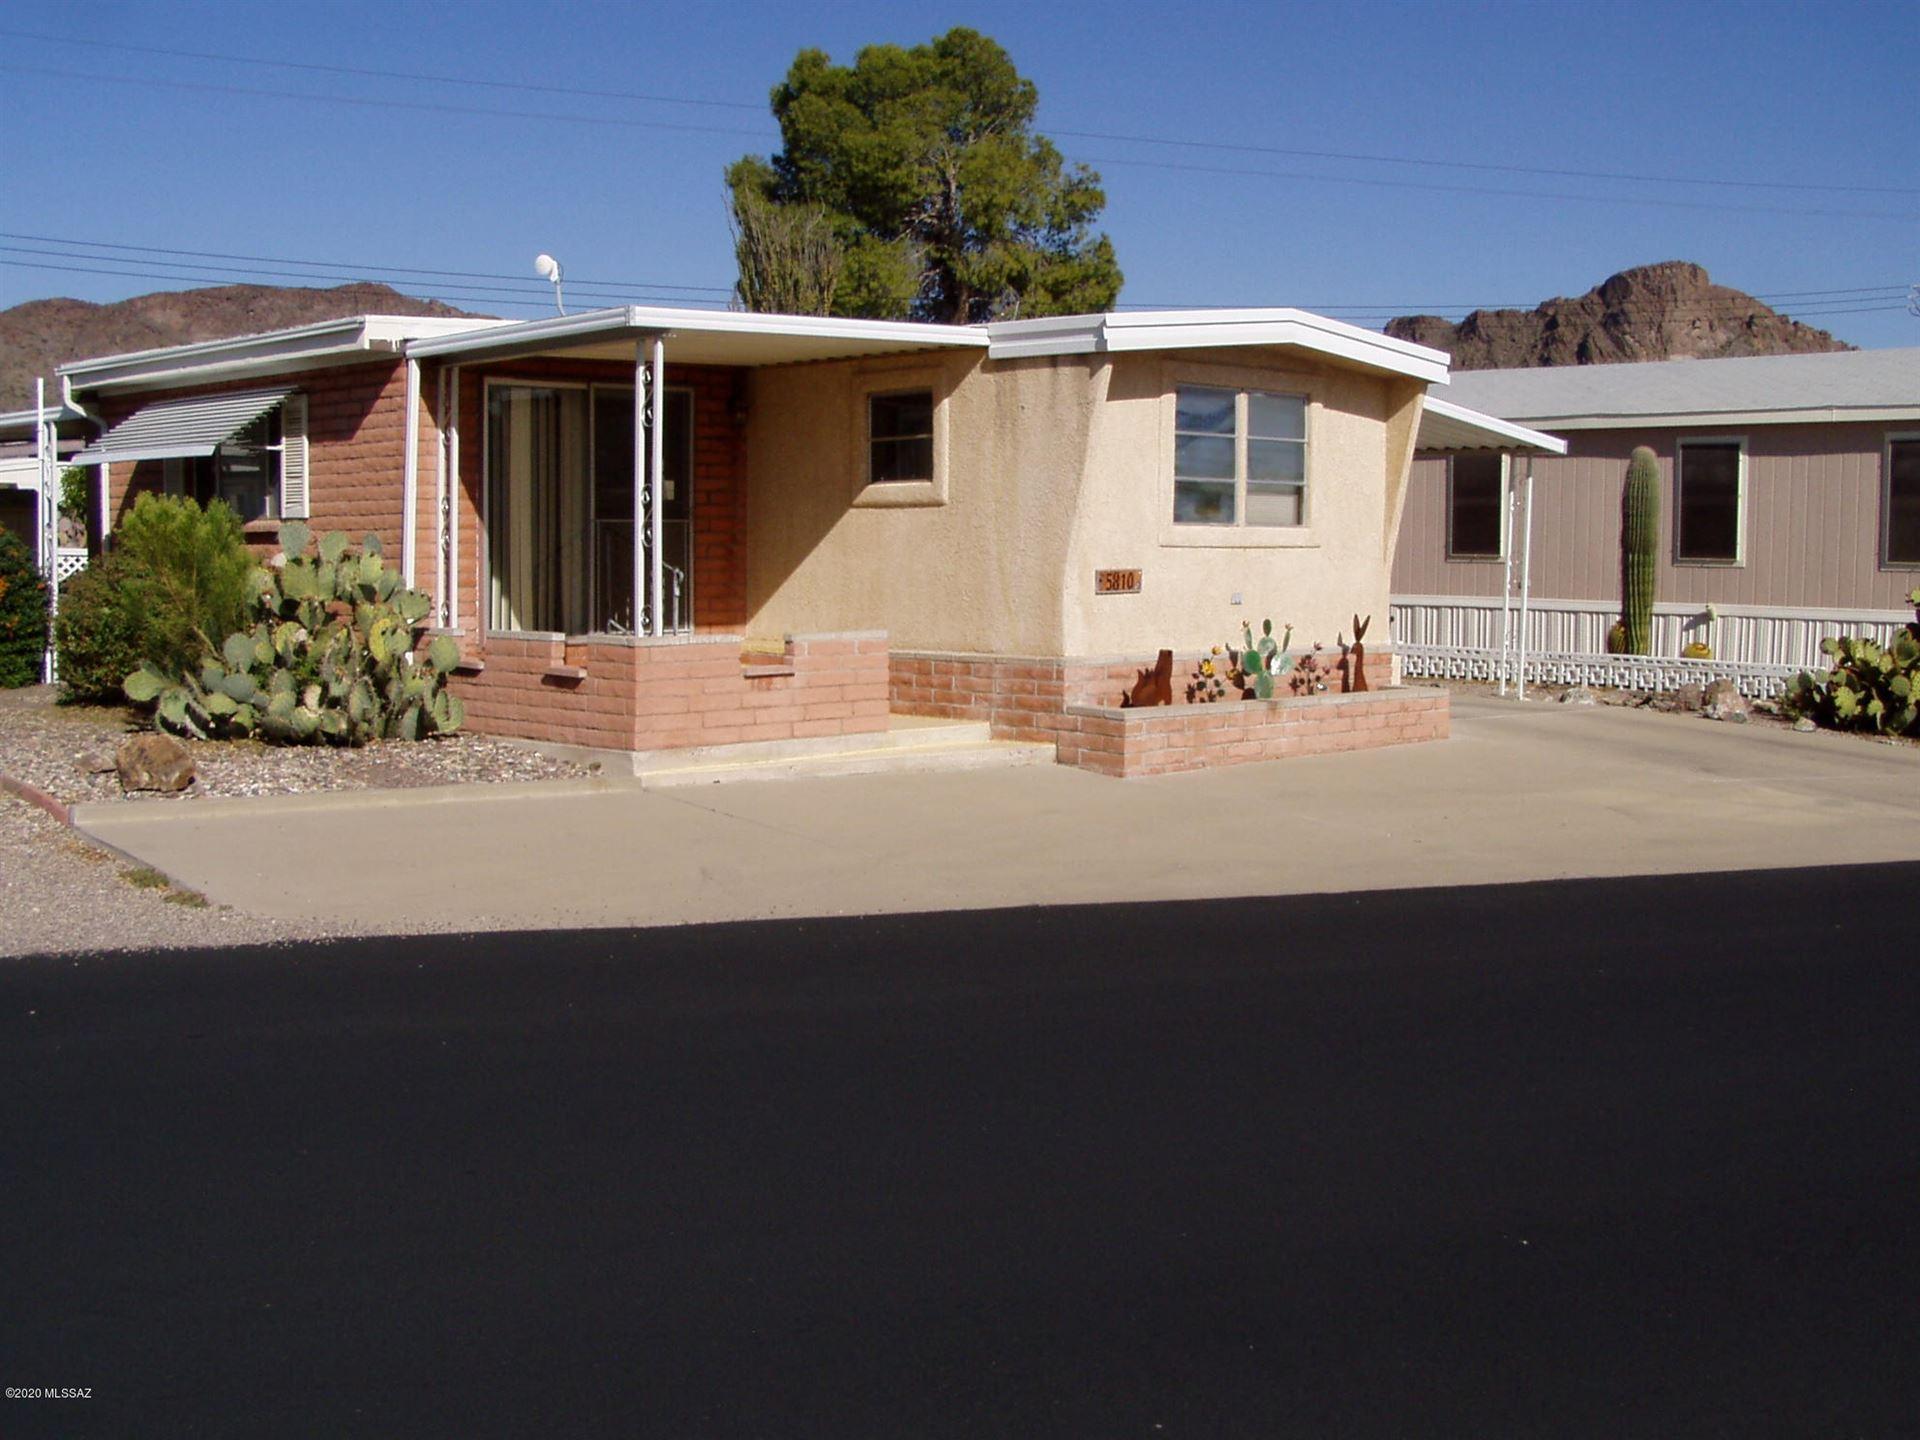 5810 W Rocking Cir Street, Tucson, AZ 85713 - #: 22027977